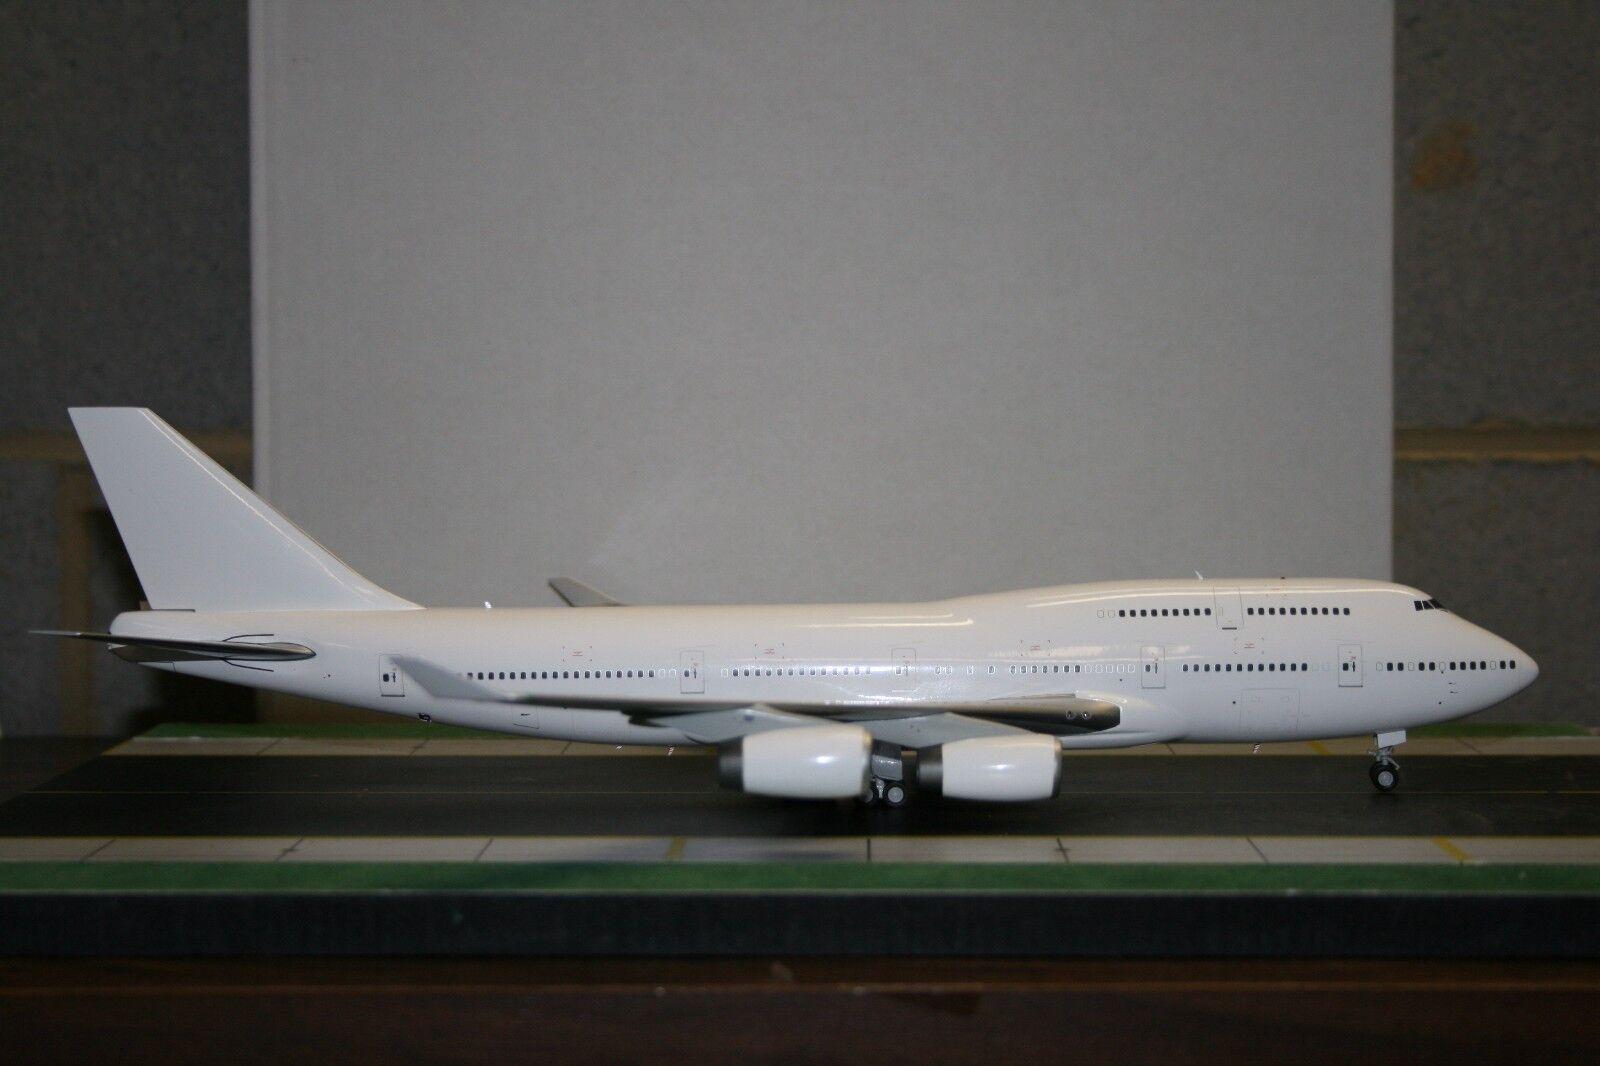 Jc Wings 1 200 en biancao Boeing 747-400 Rolls Royce (RR)' (XX2950) Modelo De Fundición